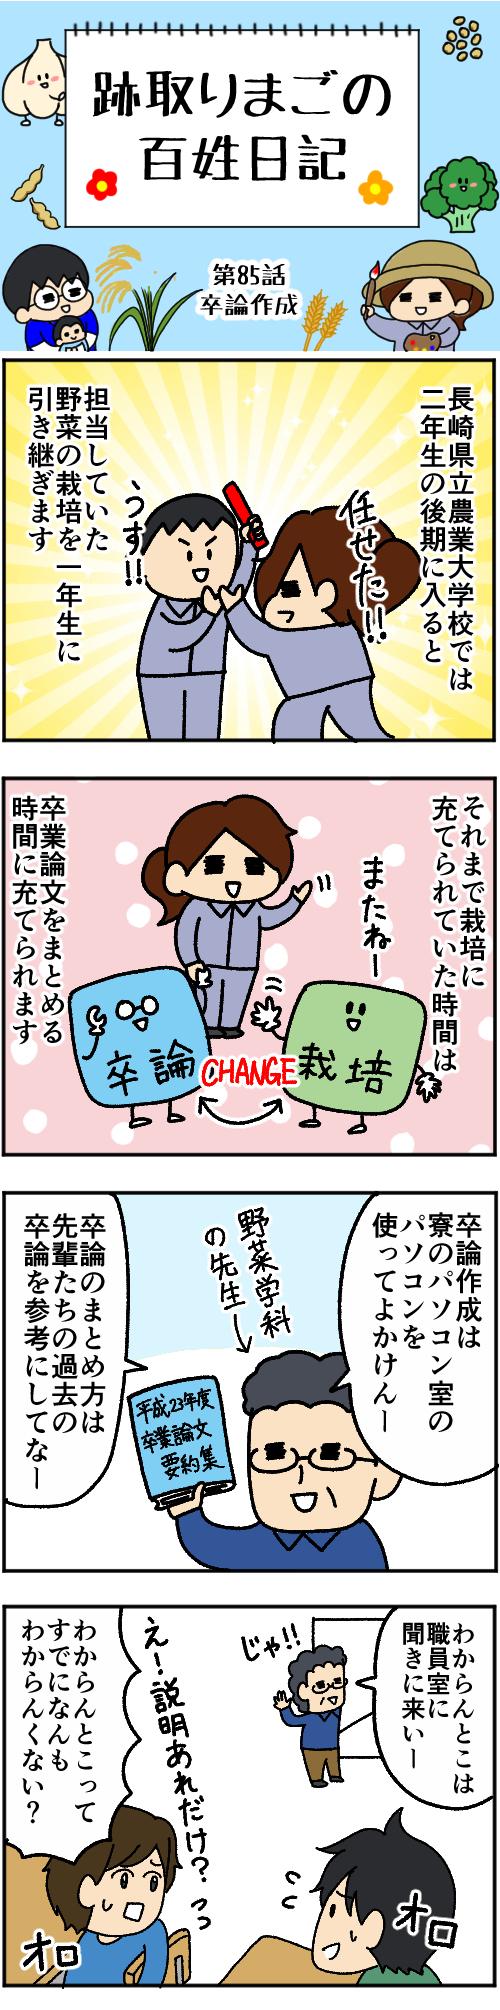 跡取りまごの百姓日記【85話】1枚目